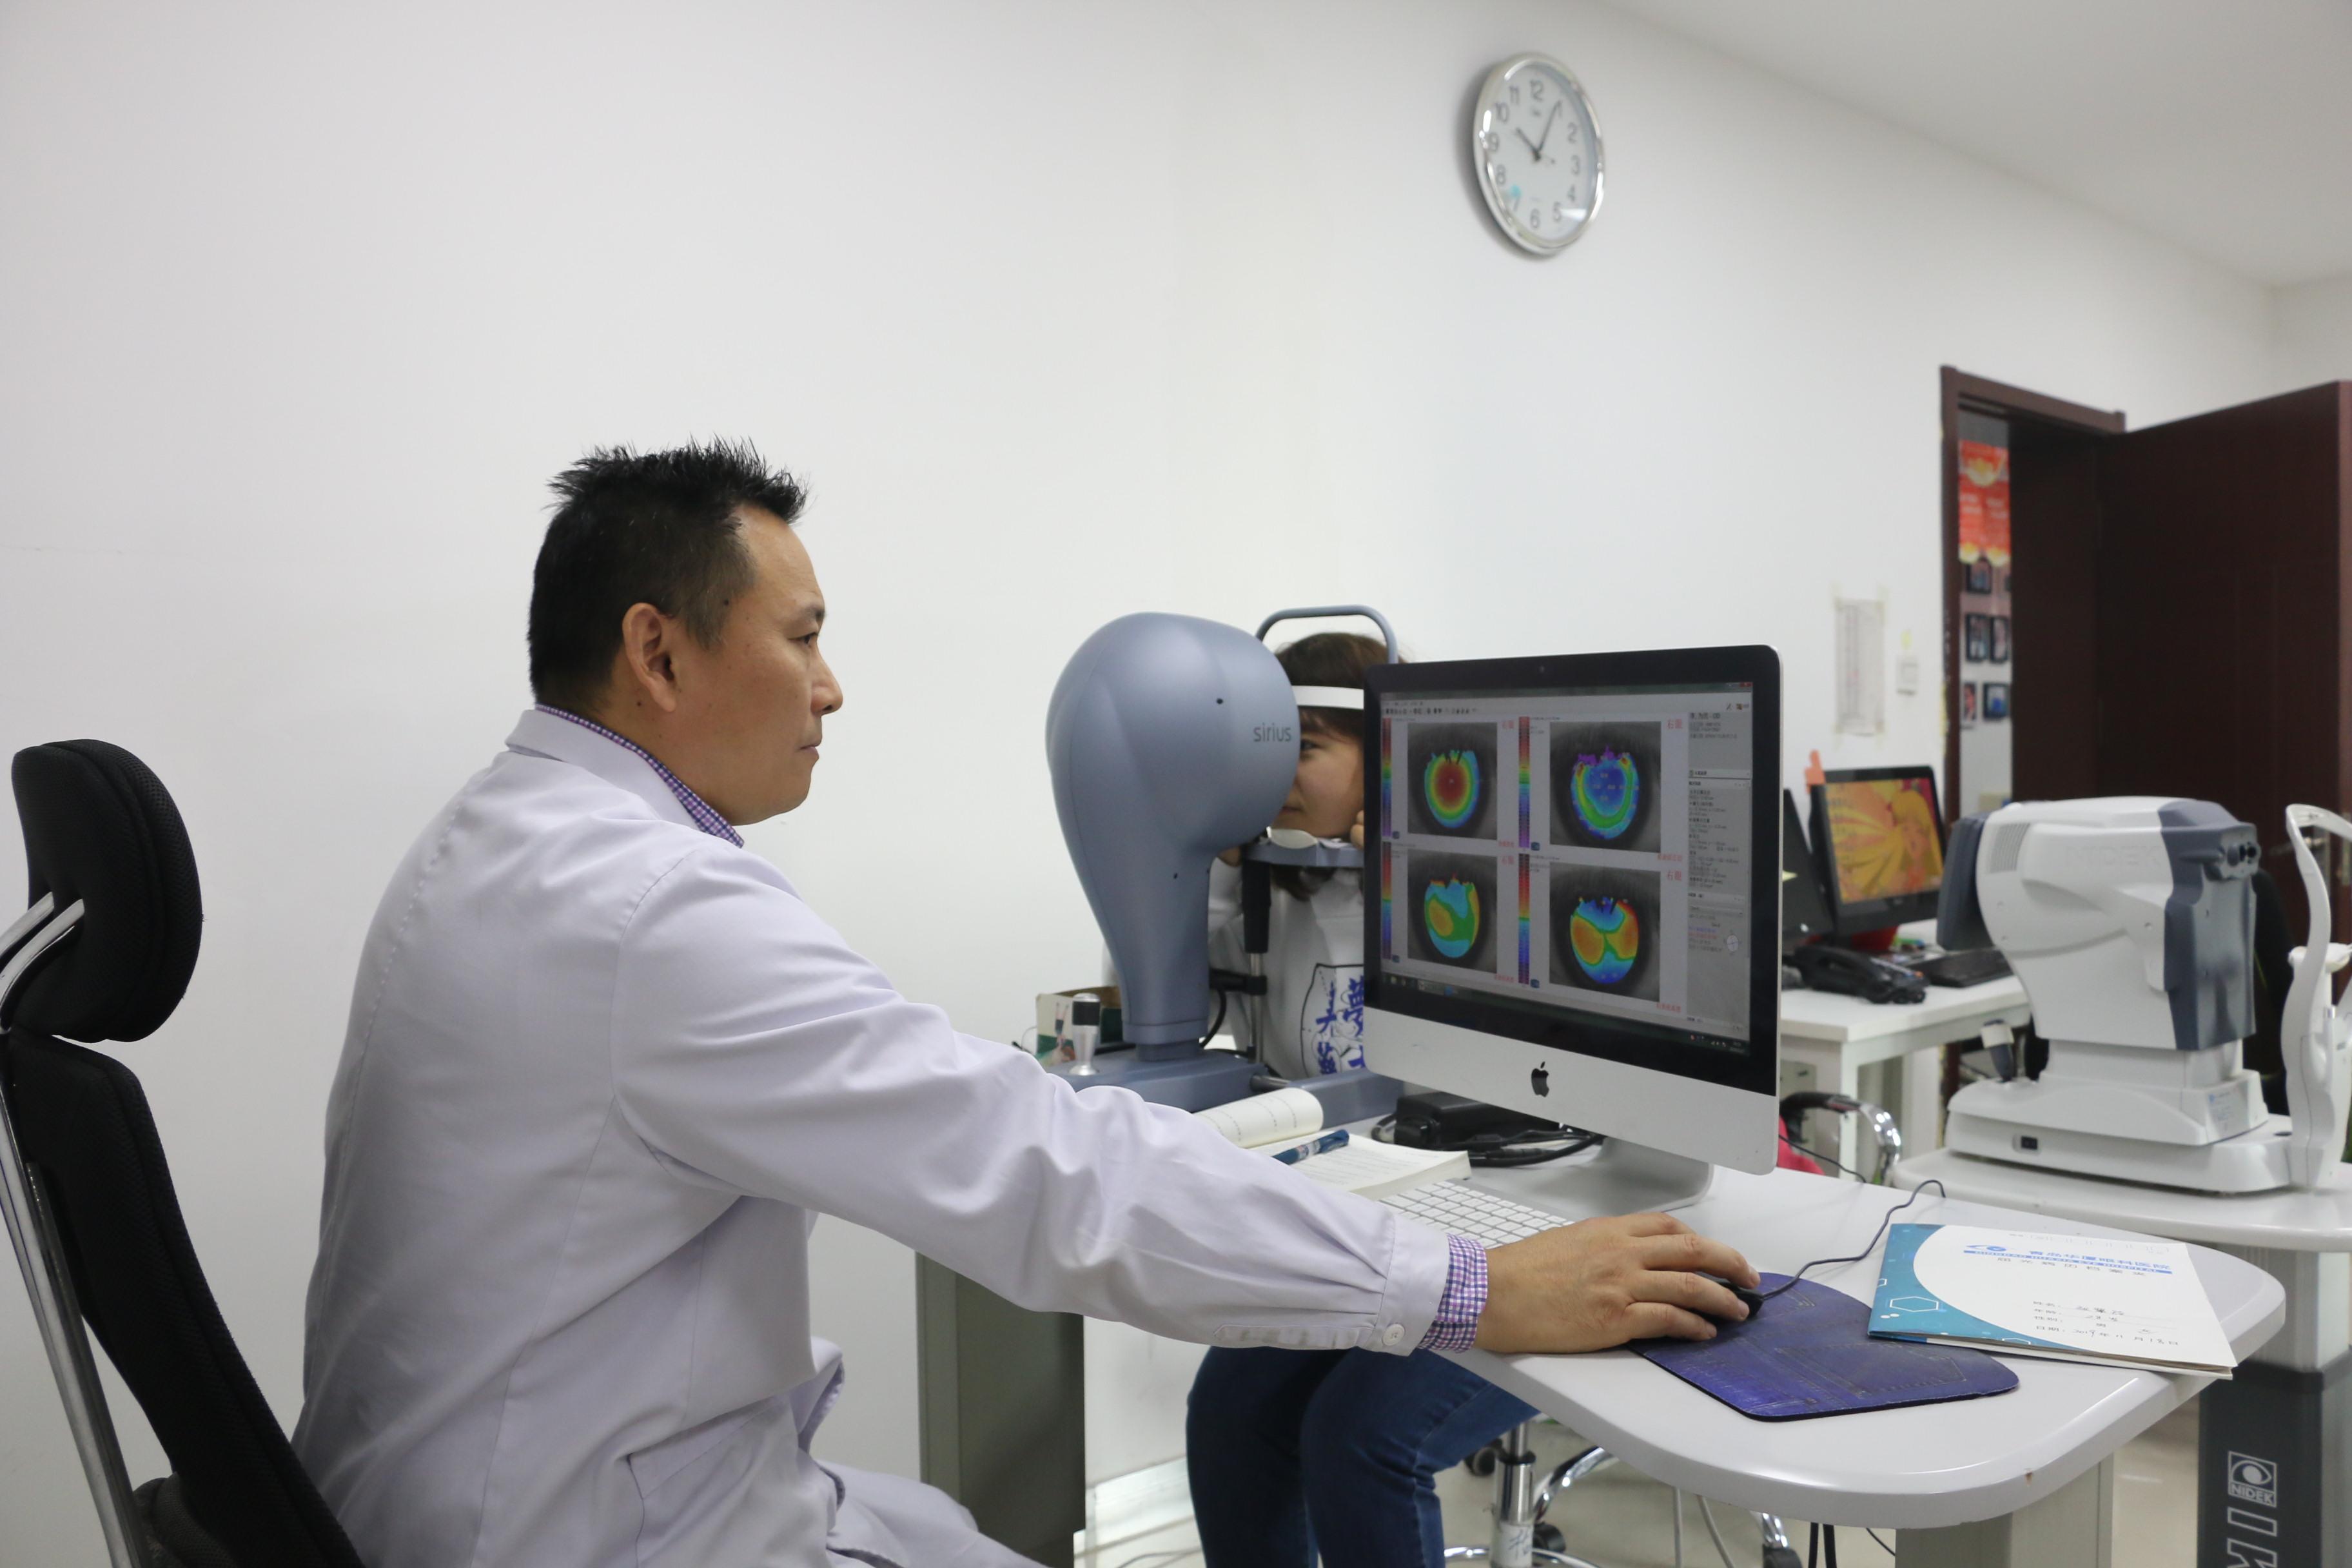 视力下降青岛眼科专家提醒那些需要警惕的眼病征兆